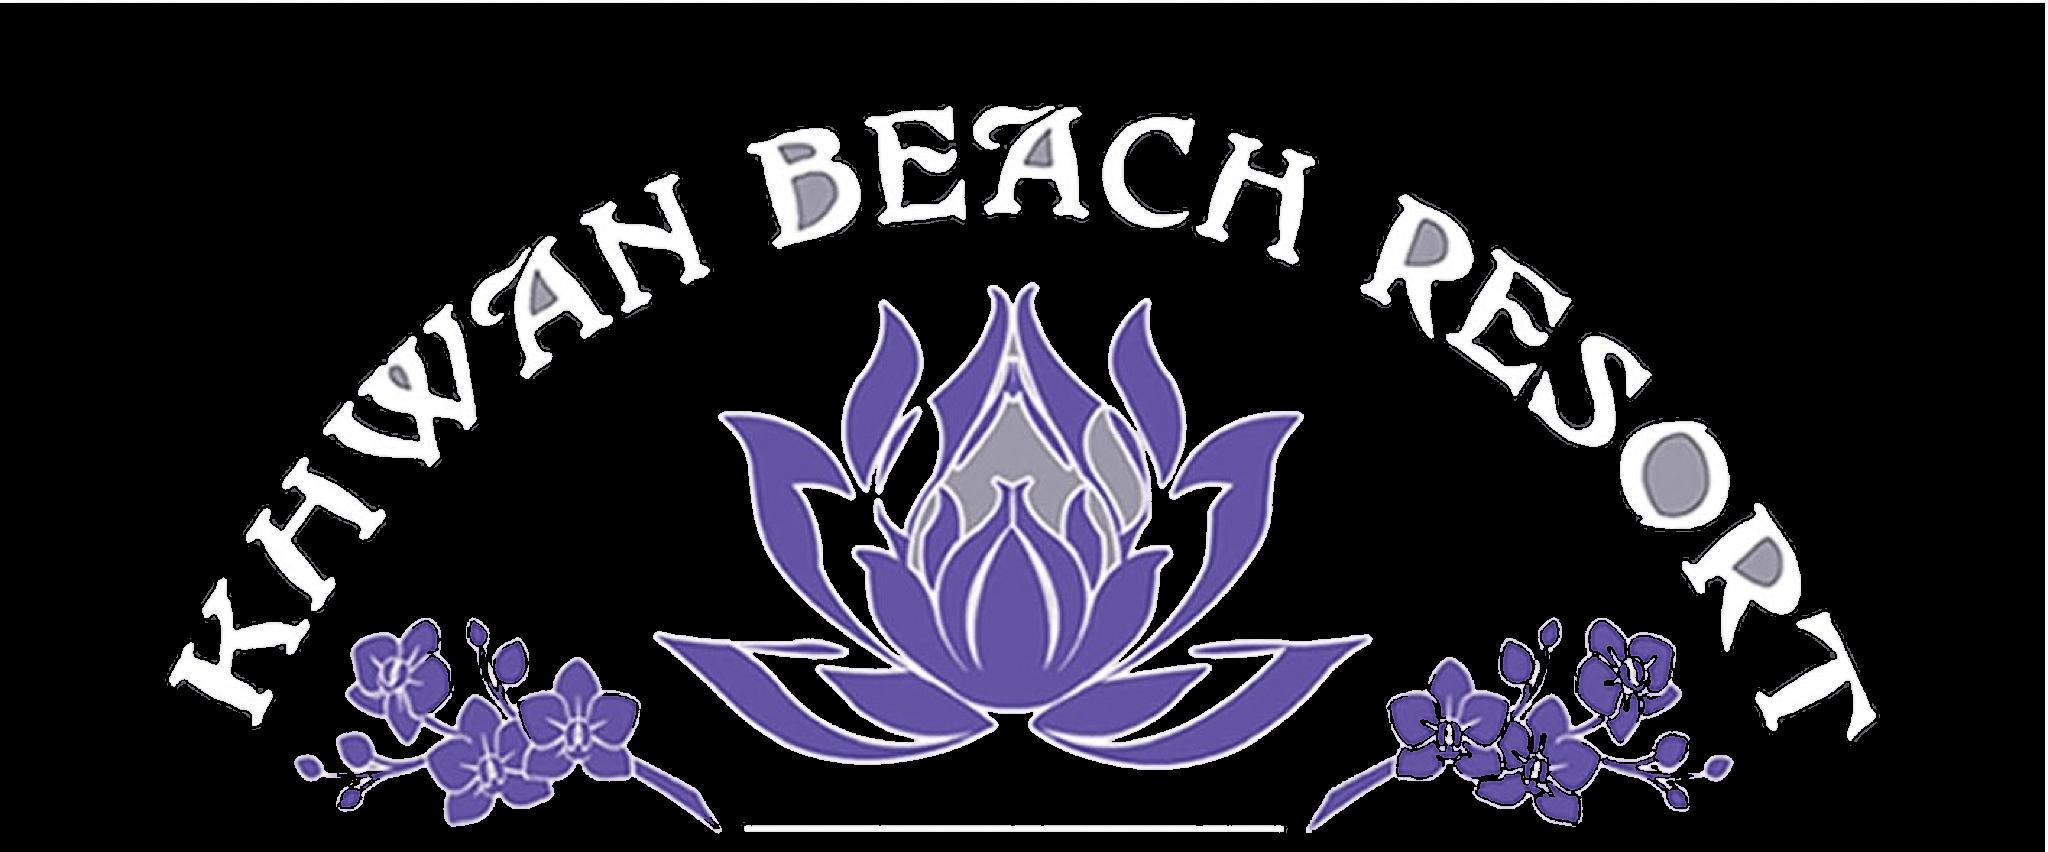 Khwan Beach Resort